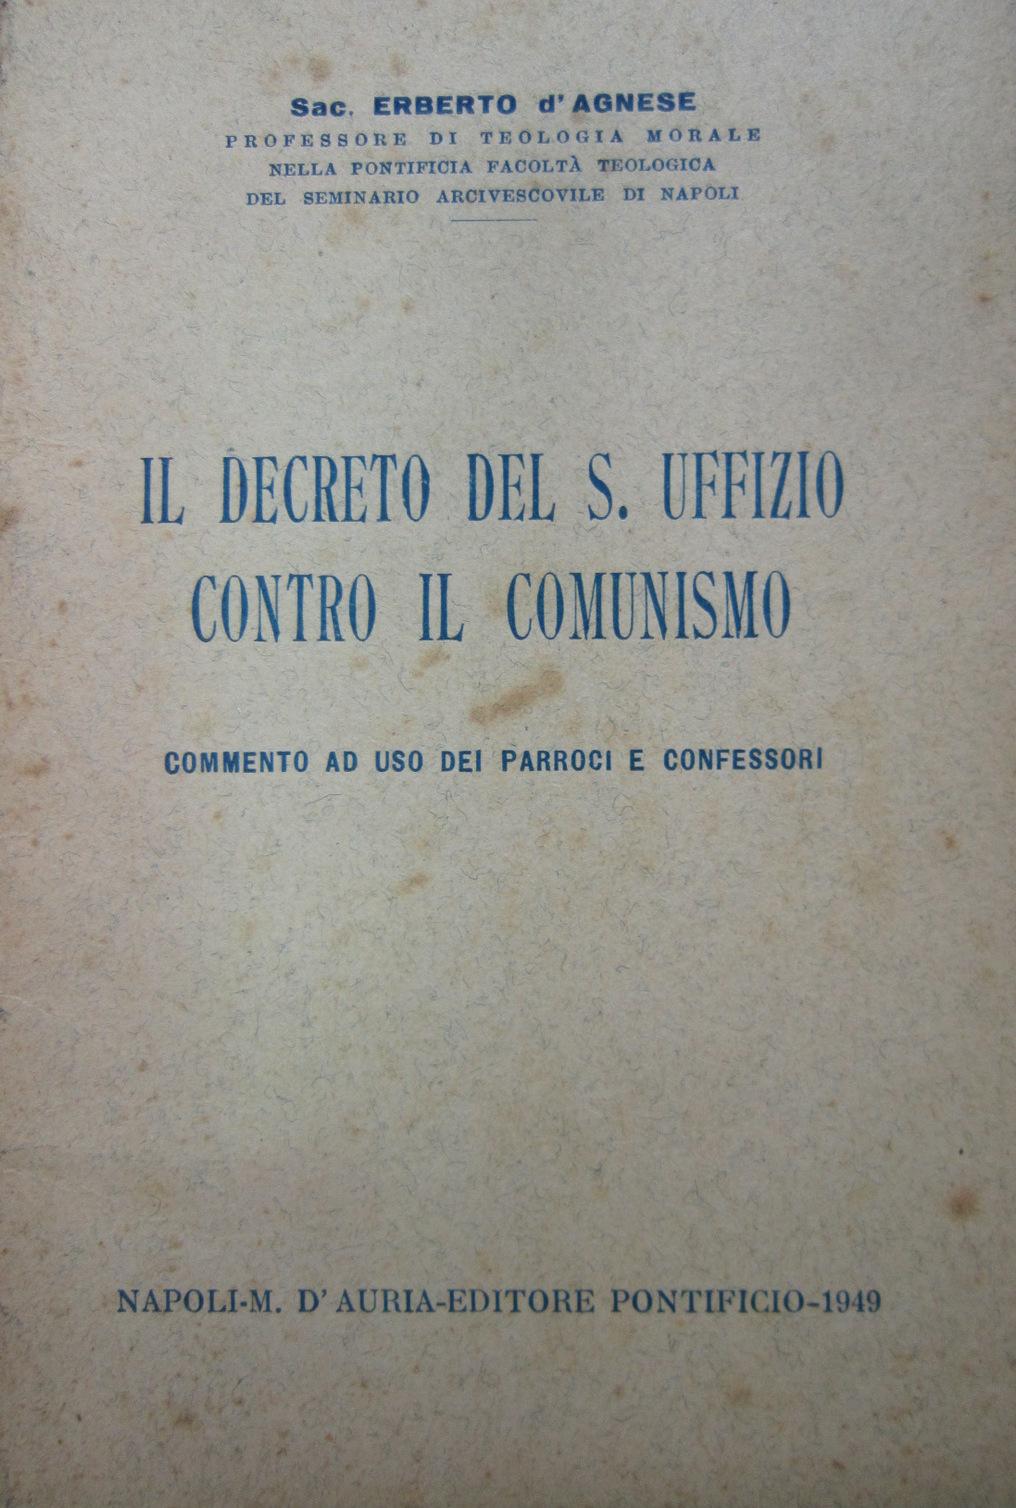 Il decreto del S. Uffizio contro il comunismo